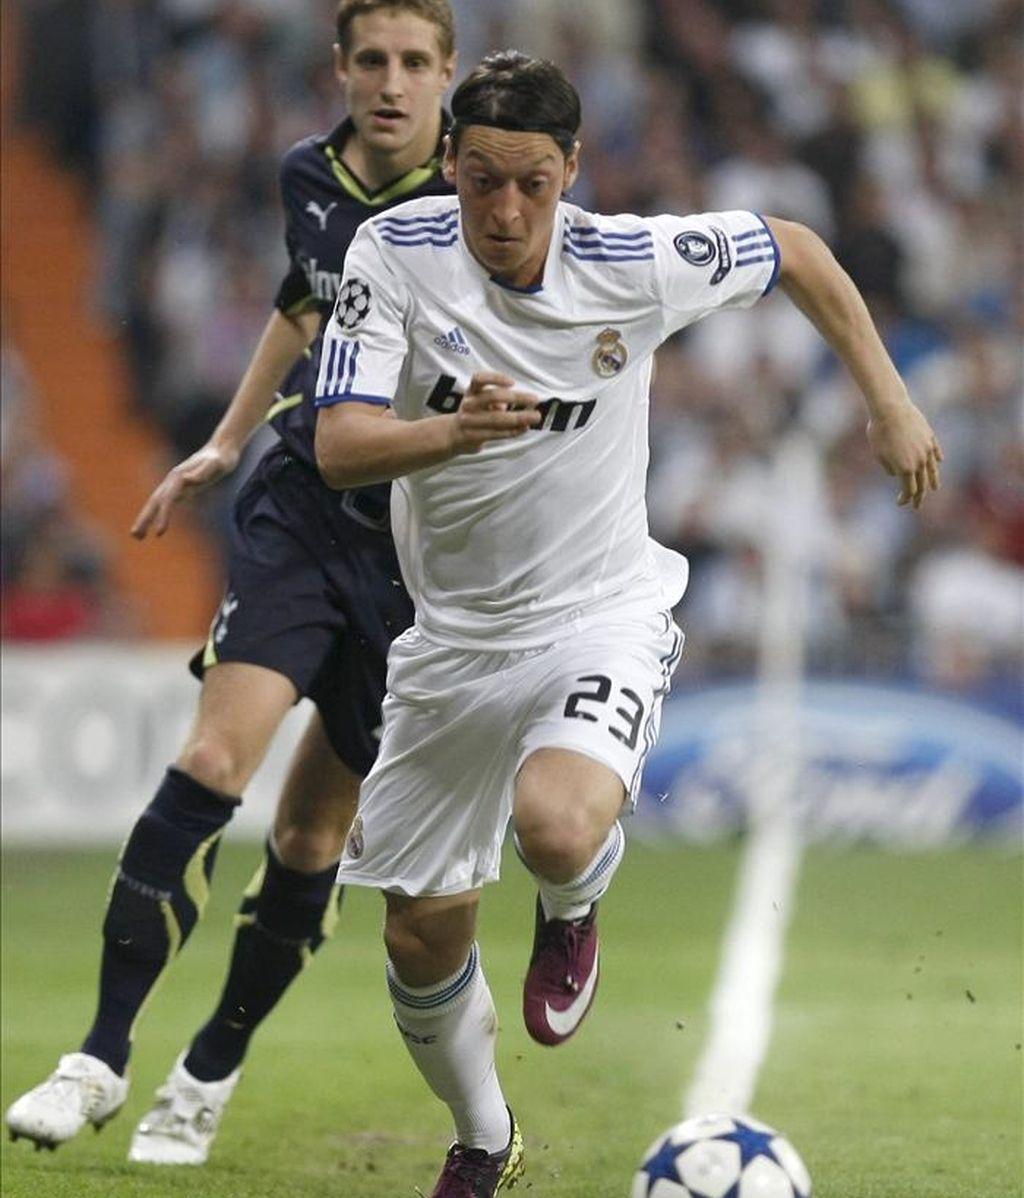 El centrocampista alemán del Real Madrid Özil (d) escapa de Dawson, del Tottenham, durante el partido de ida de los cuartos de final de la Liga de Campeones disputado este martes en el estadio Santiago Bernabéu, en Madrid. EFE